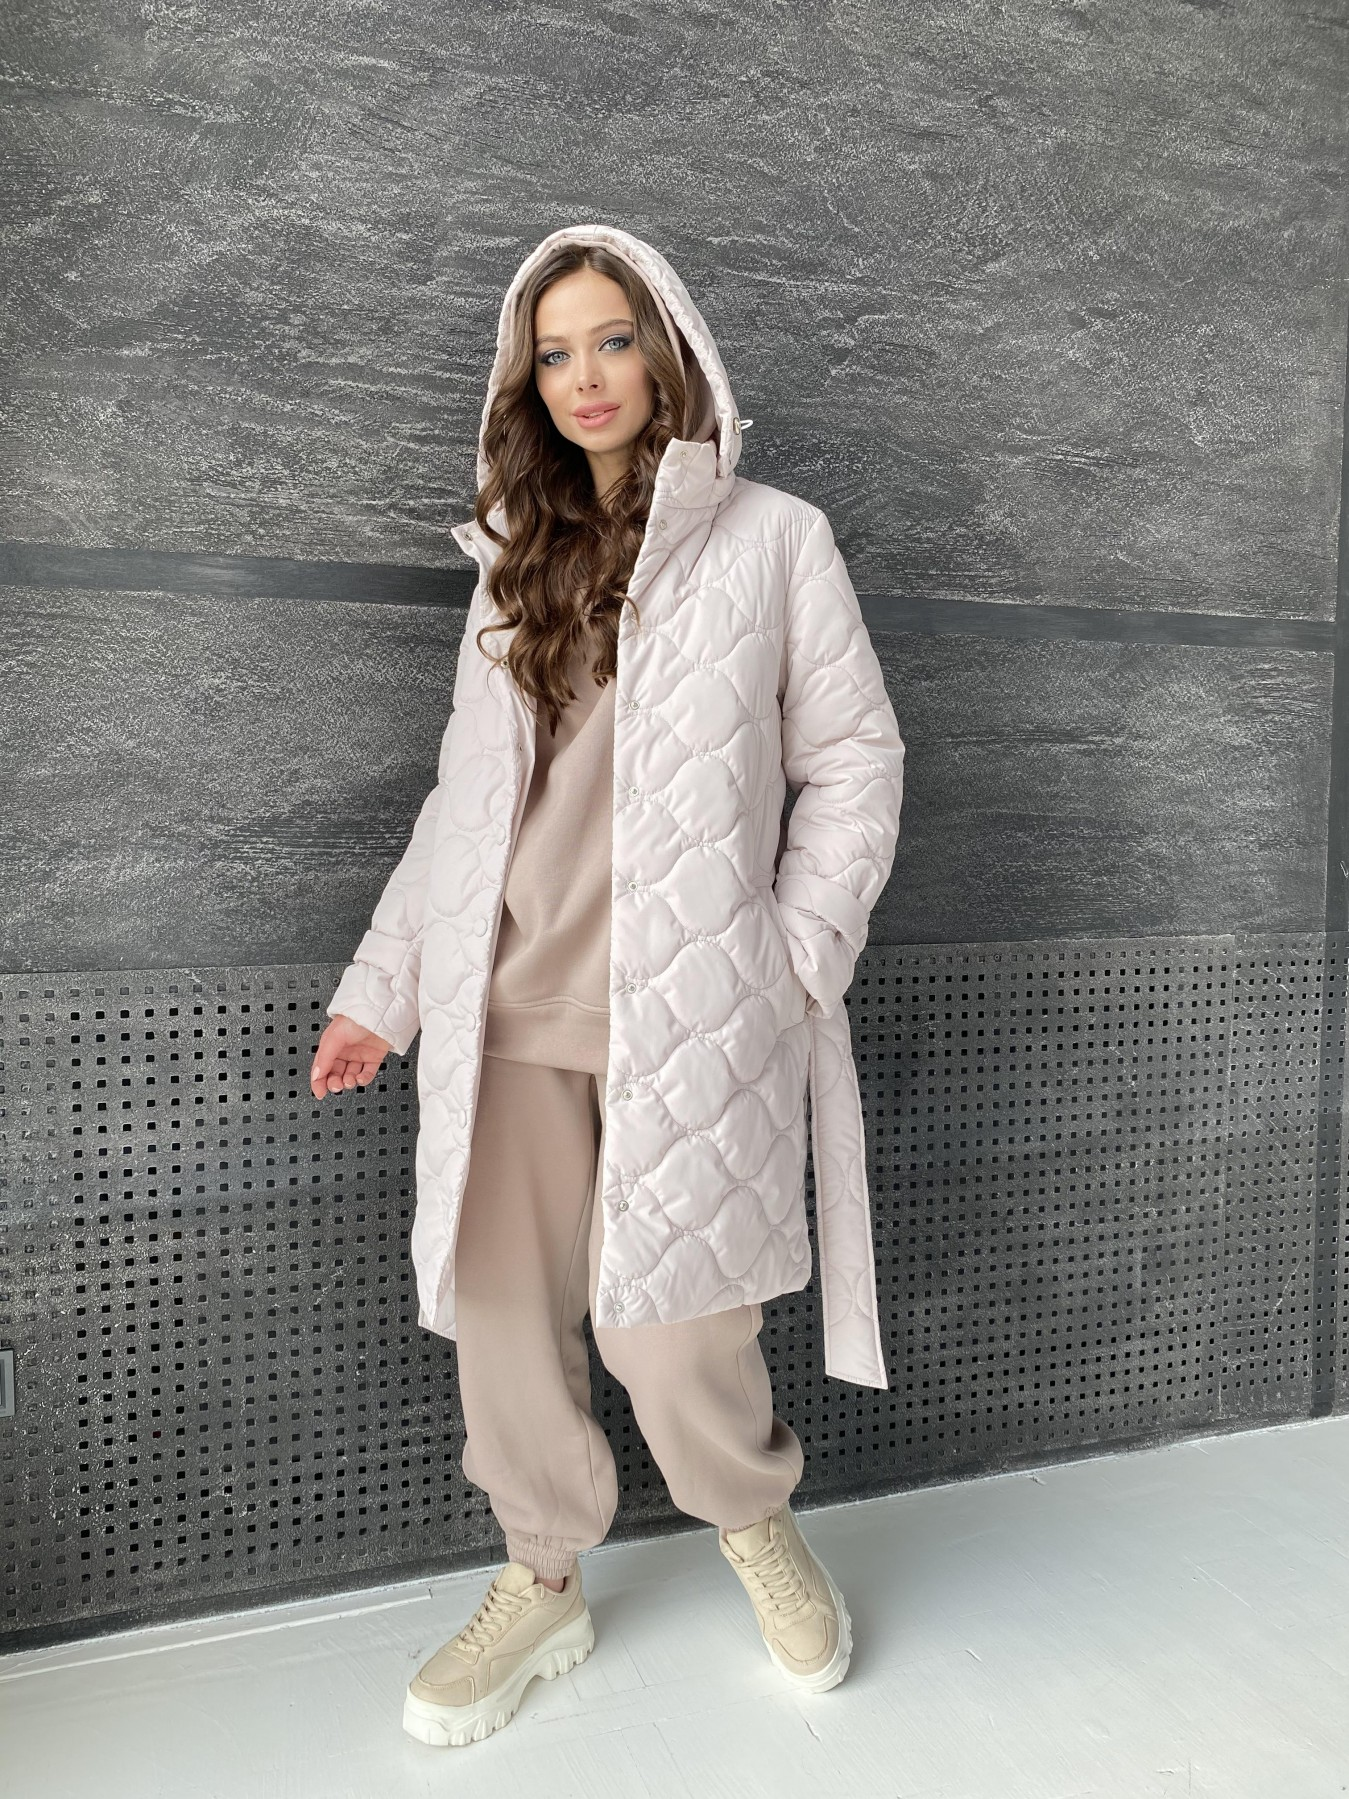 Виза ЗИГЗАГ стеганая куртка из плащевой ткани 11016 АРТ. 47517 Цвет: Бежевый 970 - фото 1, интернет магазин tm-modus.ru